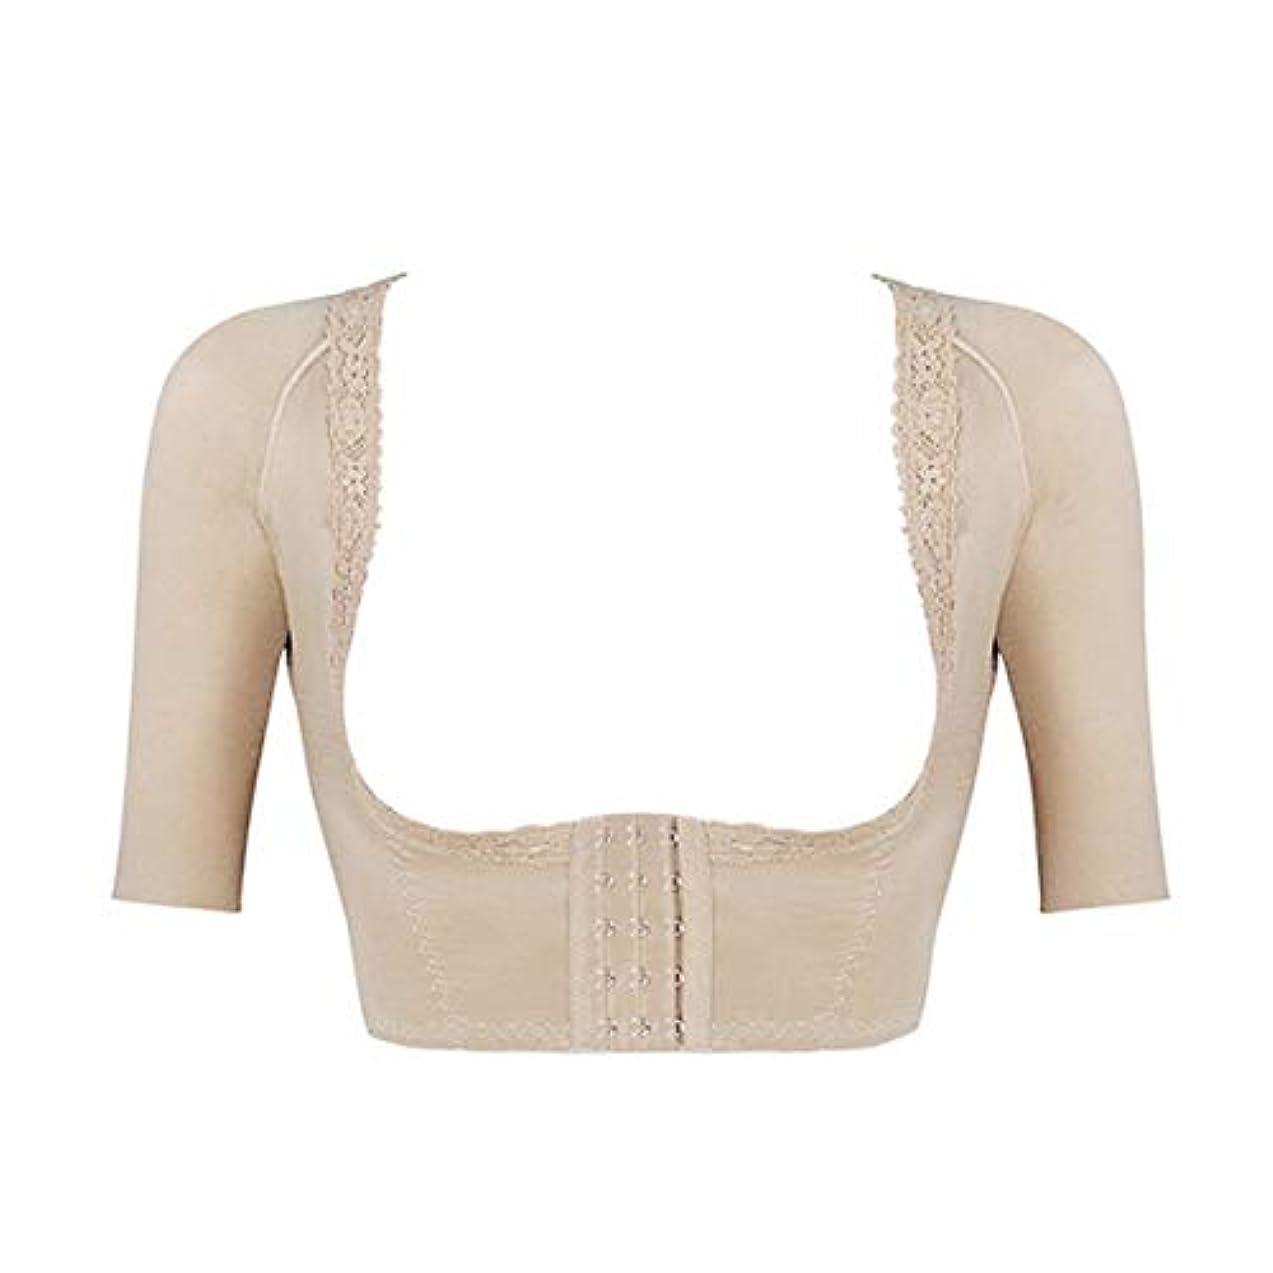 ロータリー尊敬テナント女性のボディシェイパートップス快適な女性の腕の脂肪燃焼乳房リフトシェイプウェアスリムトレーナーコルセット-スキンカラー-70